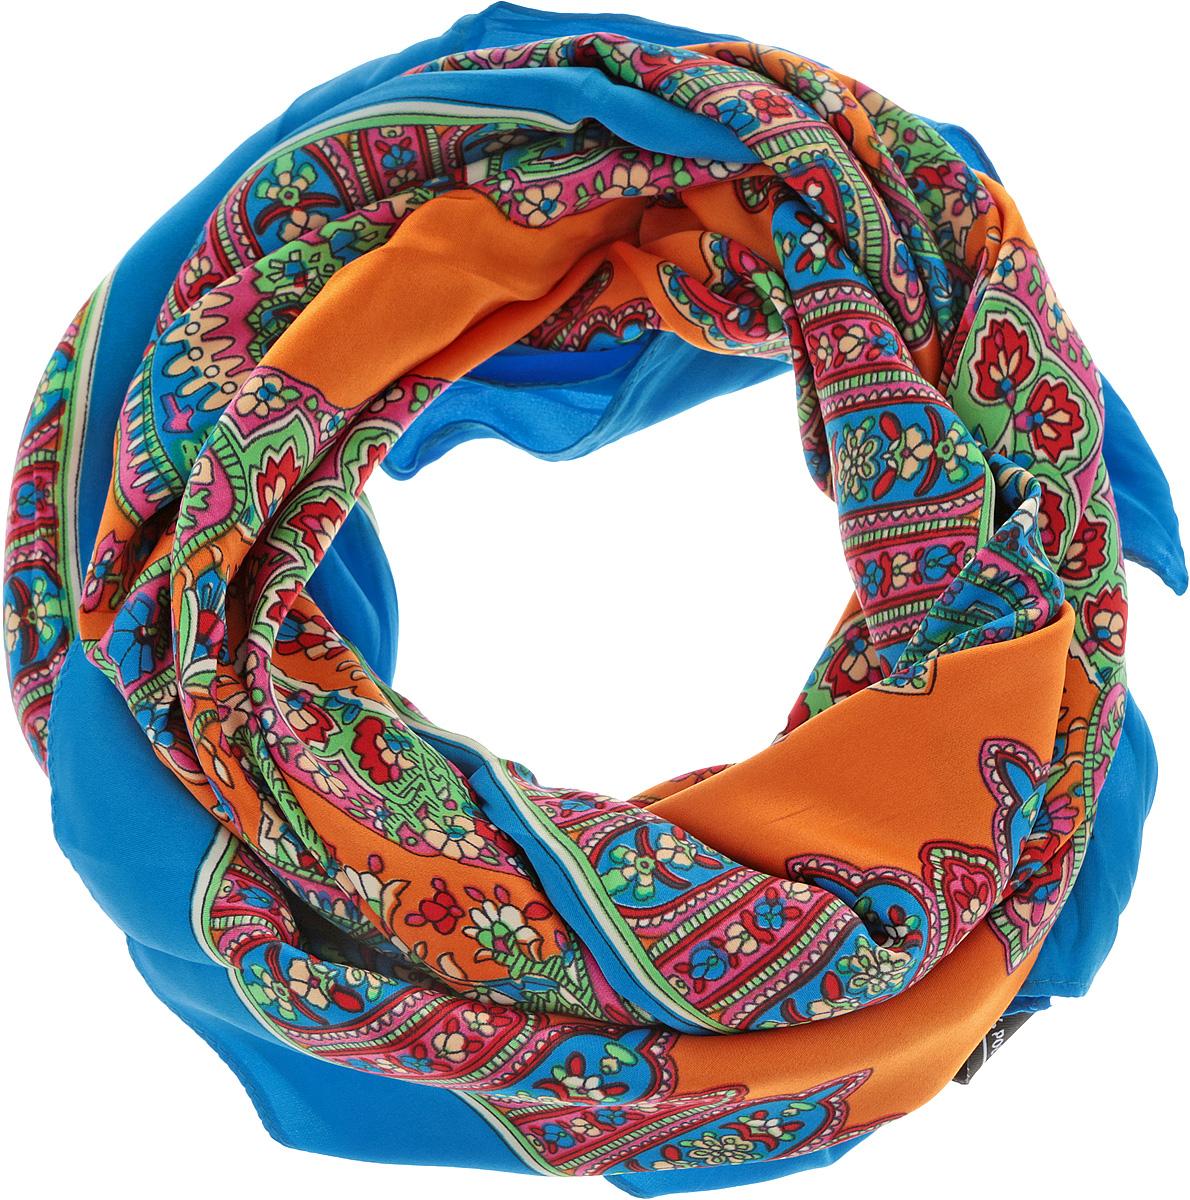 Платок женский. 0510115235_540510115235_54Стильный женский платок Sabellino станет великолепным завершением любого наряда. Платок изготовлен из полиэстера и оформлен оригинальным принтом. Классическая квадратная форма позволяет носить платок на шее, украшать им прическу или декорировать сумочку. Такой платок превосходно дополнит любой наряд и подчеркнет ваш неповторимый вкус и элегантность.